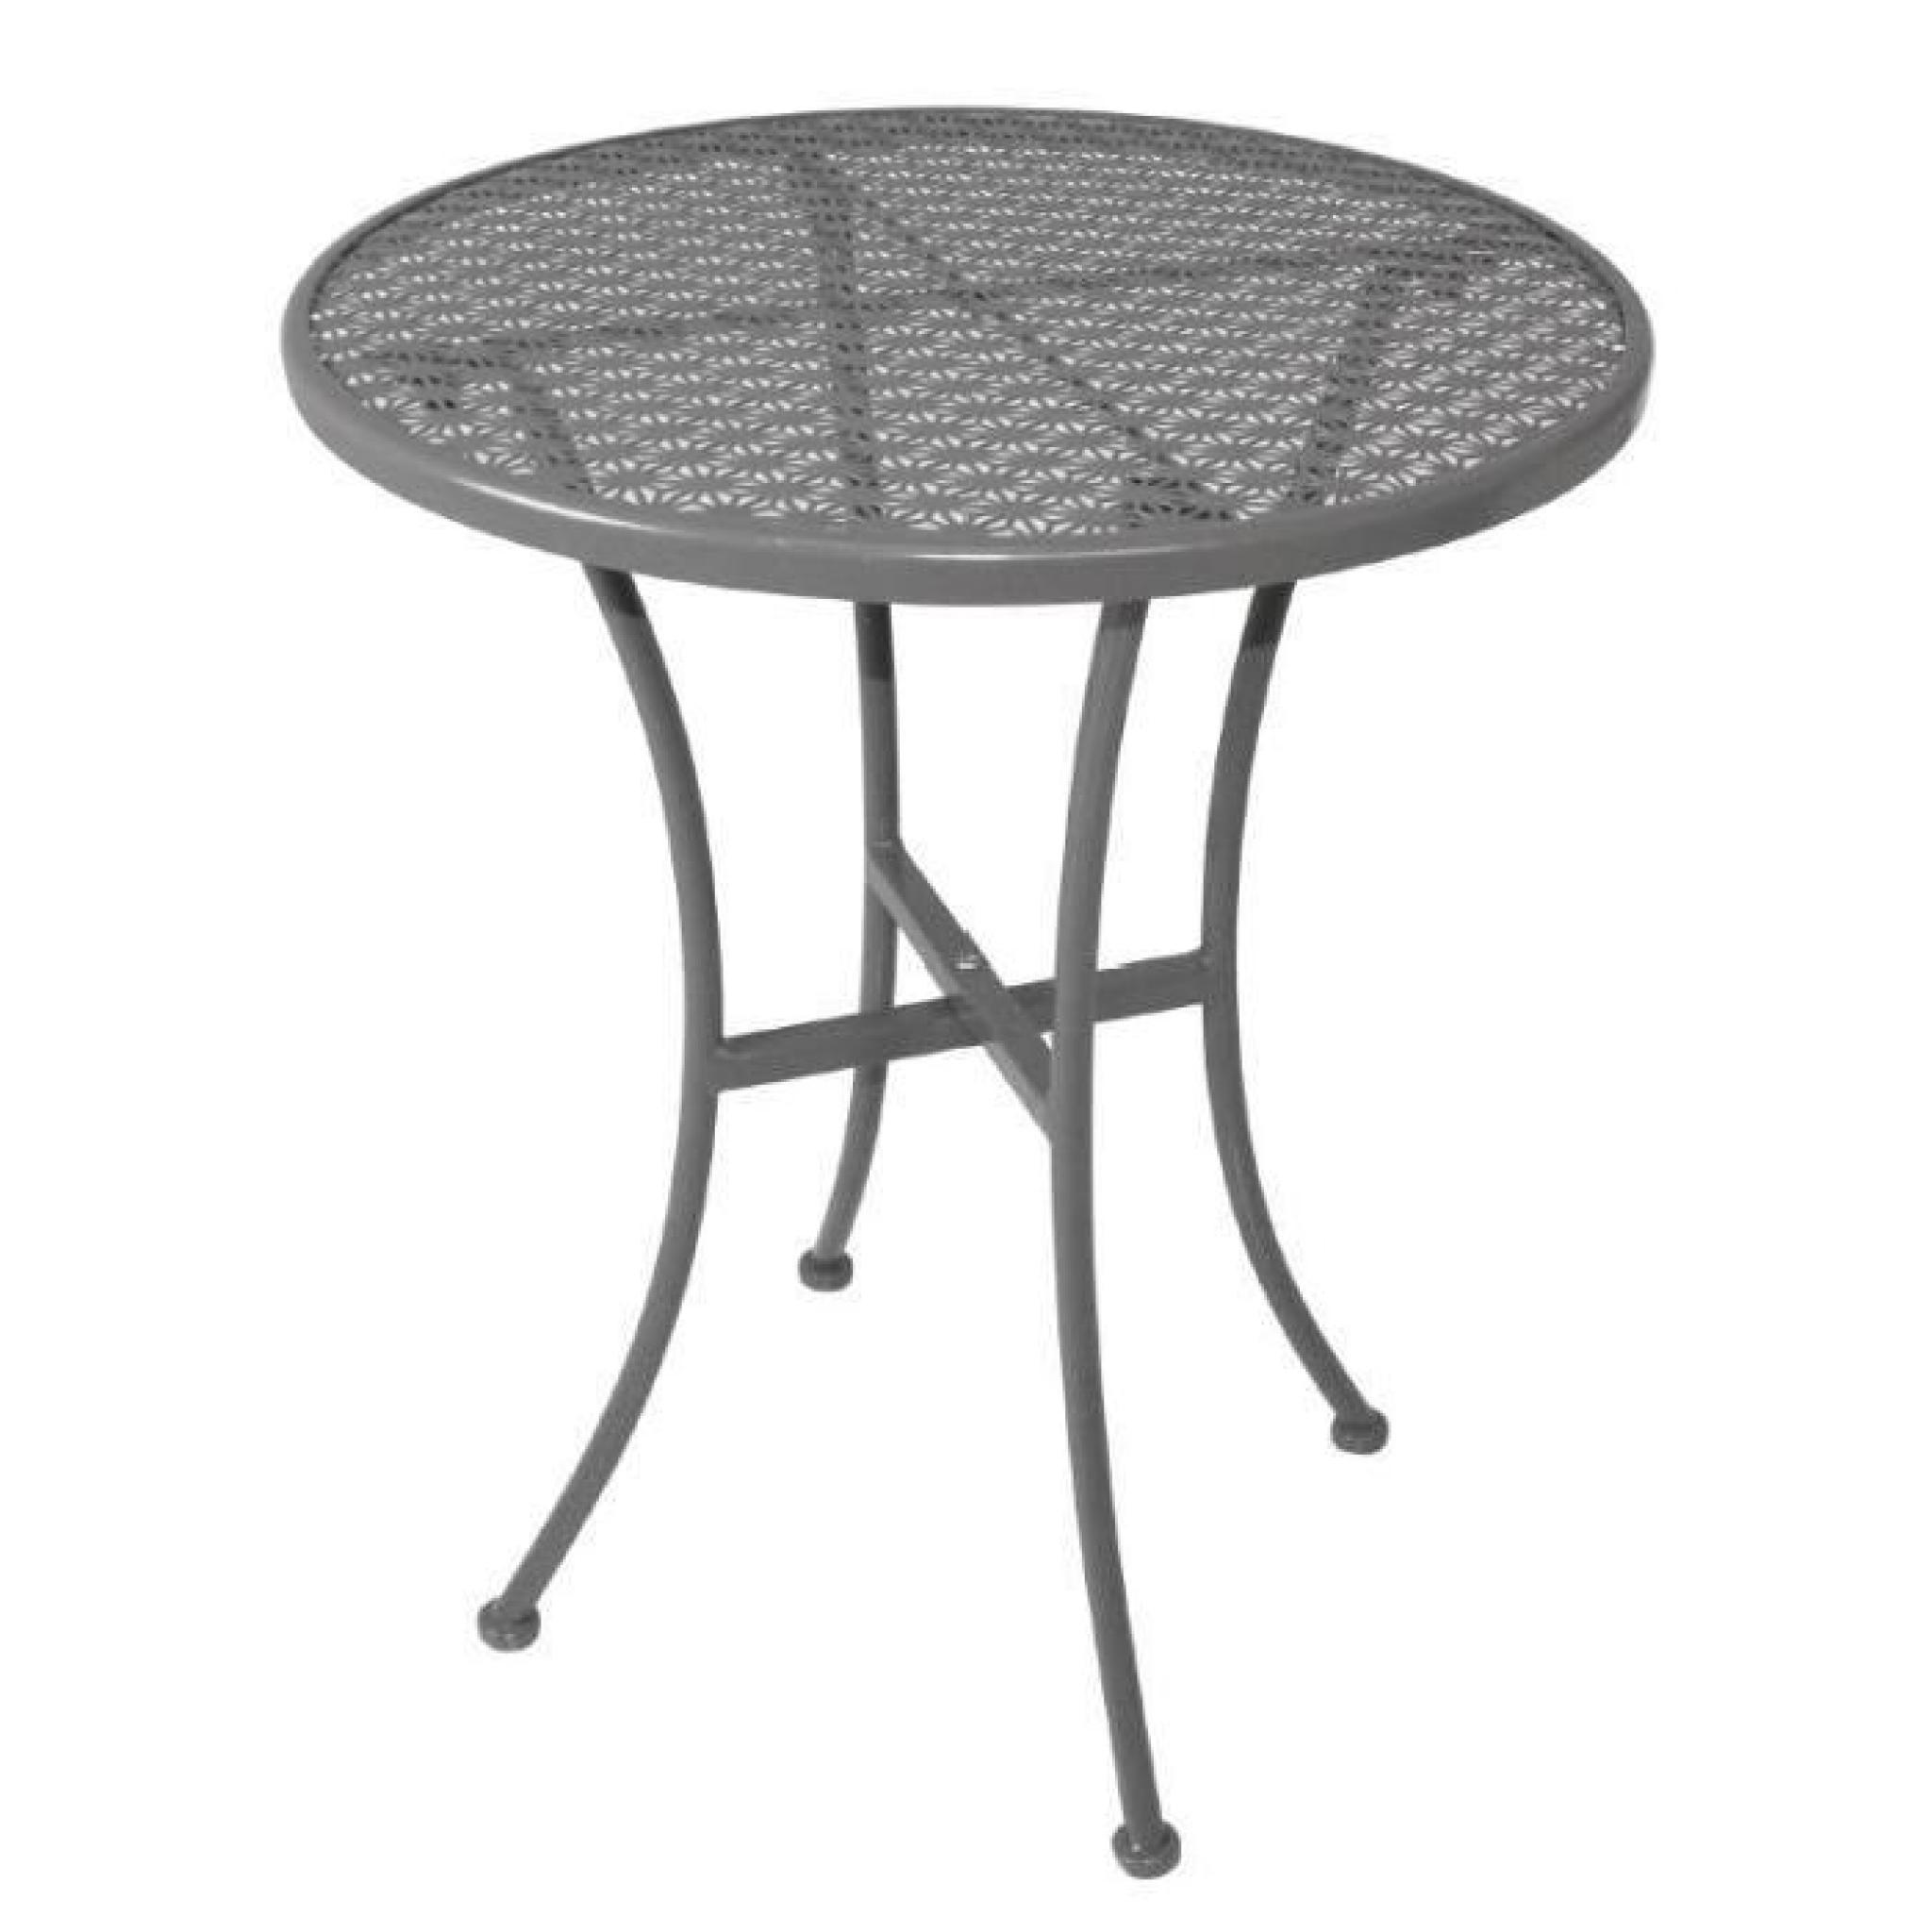 Table moderne en acier de forme ronde coloris gris achat - Table ronde de jardin pas cher ...